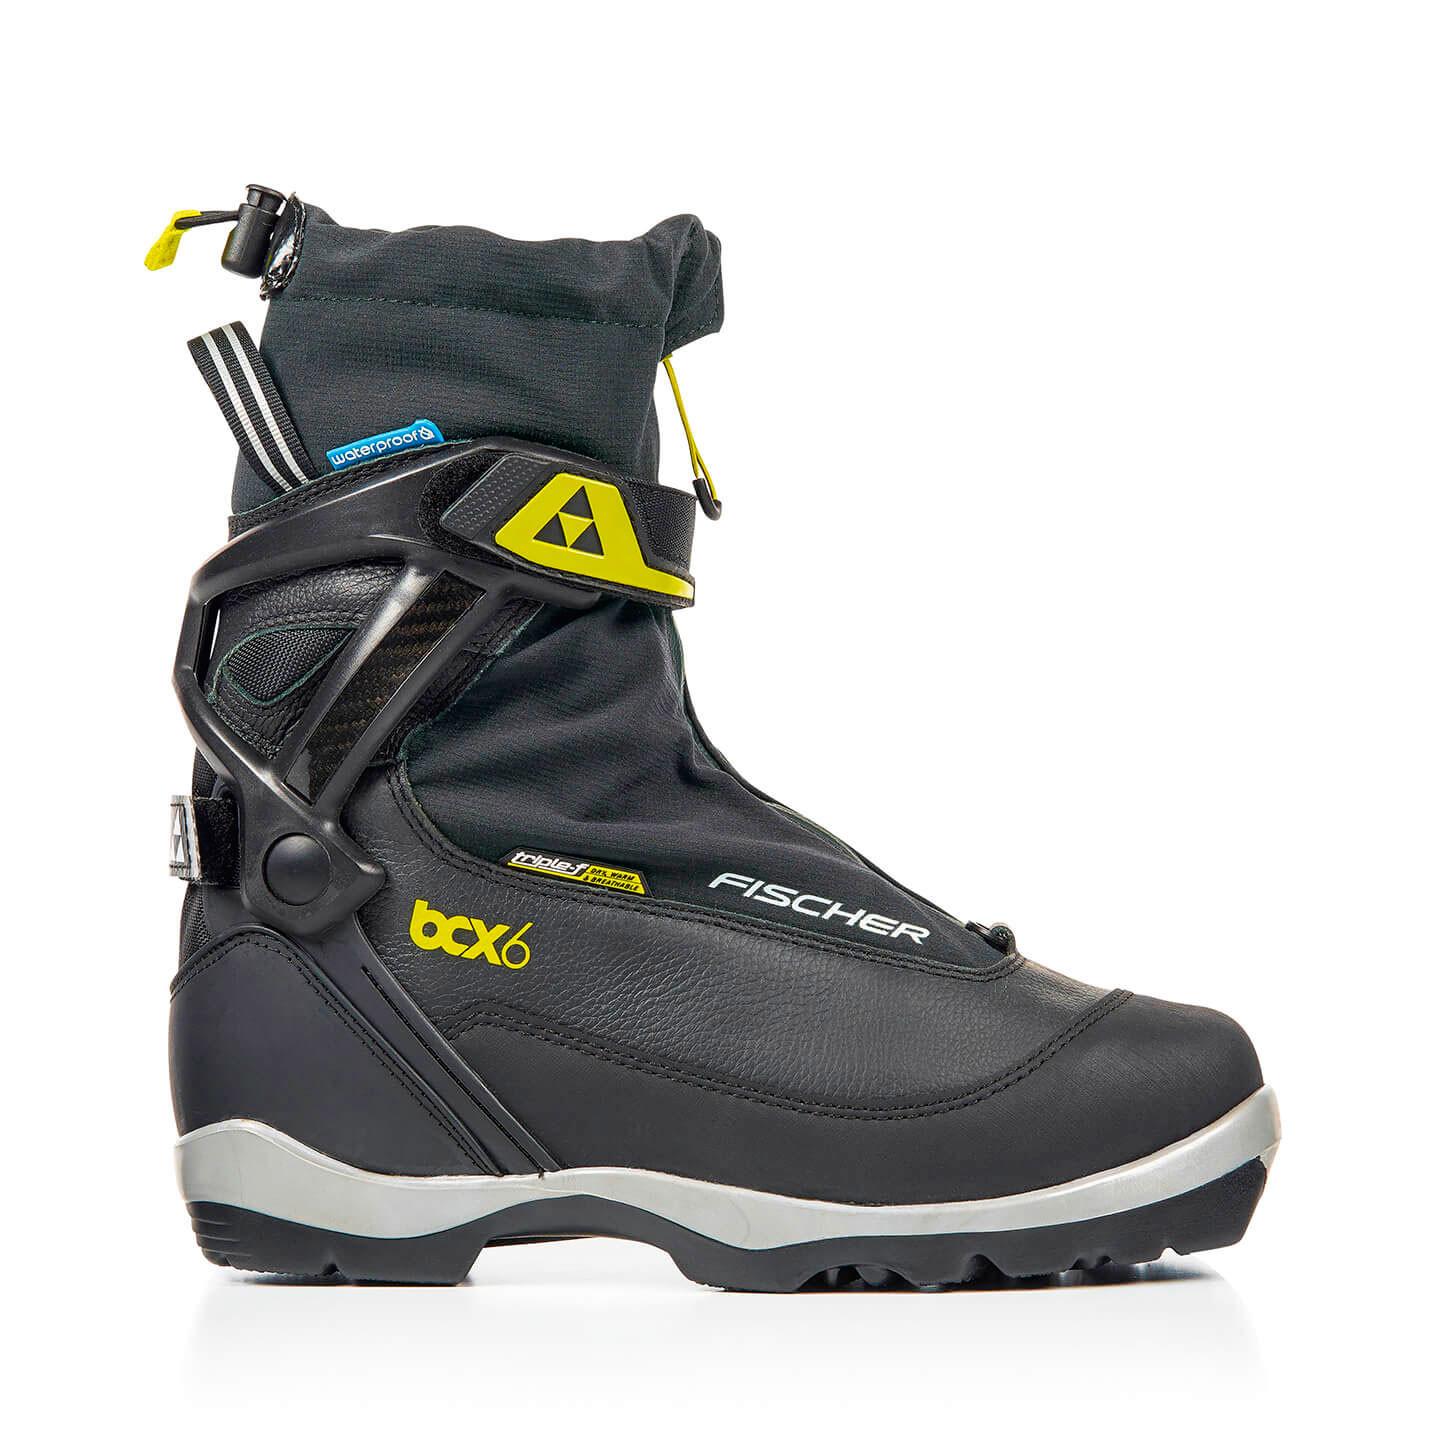 Fischer BCX 6 Waterproof